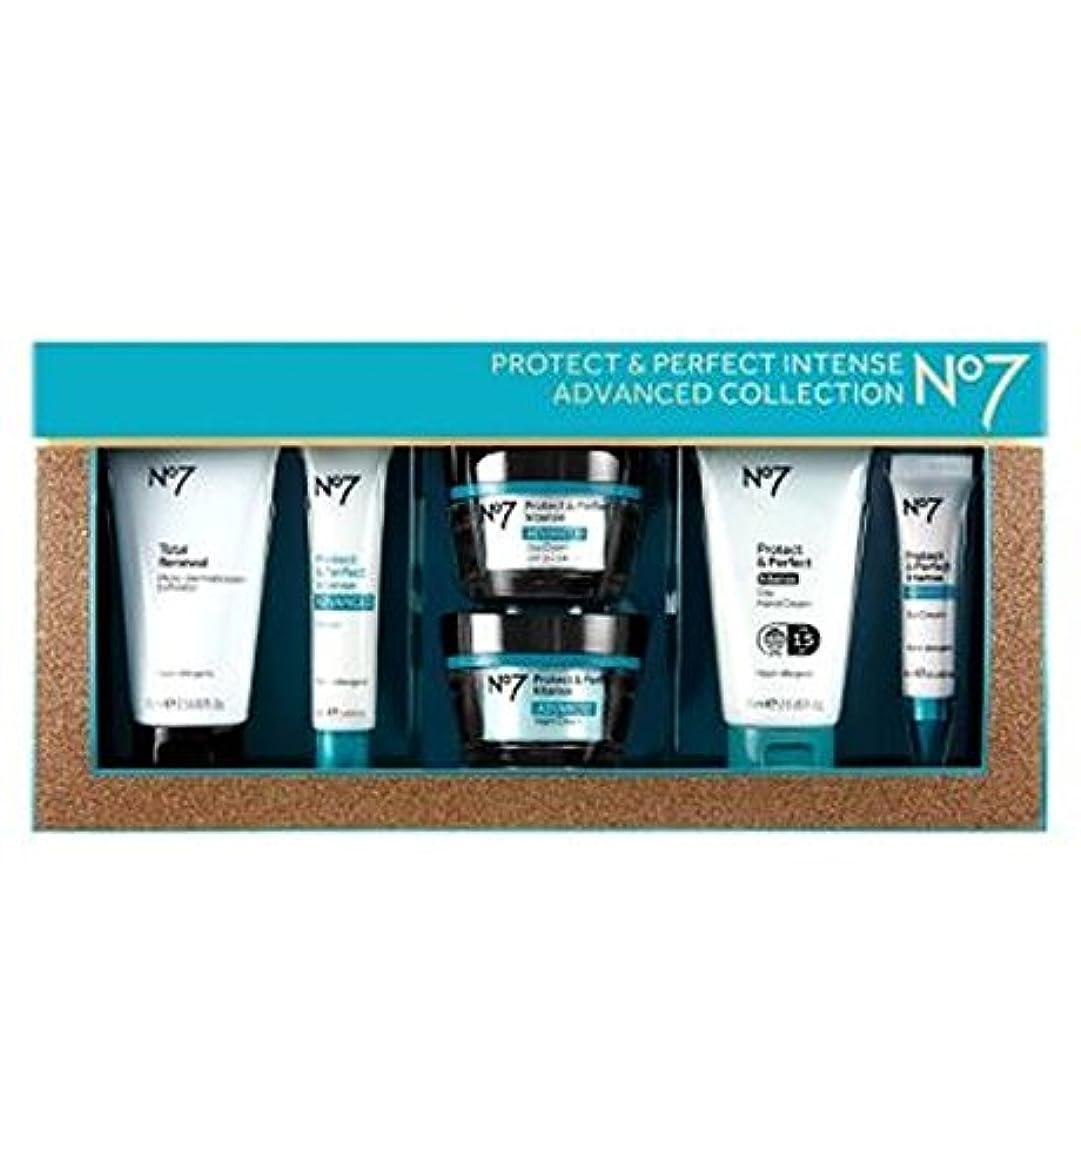 ポルノバンク闇No7保護&完璧な強烈な高度なコレクション (No7) (x2) - No7 Protect & Perfect Intense ADVANCED Collection (Pack of 2) [並行輸入品]